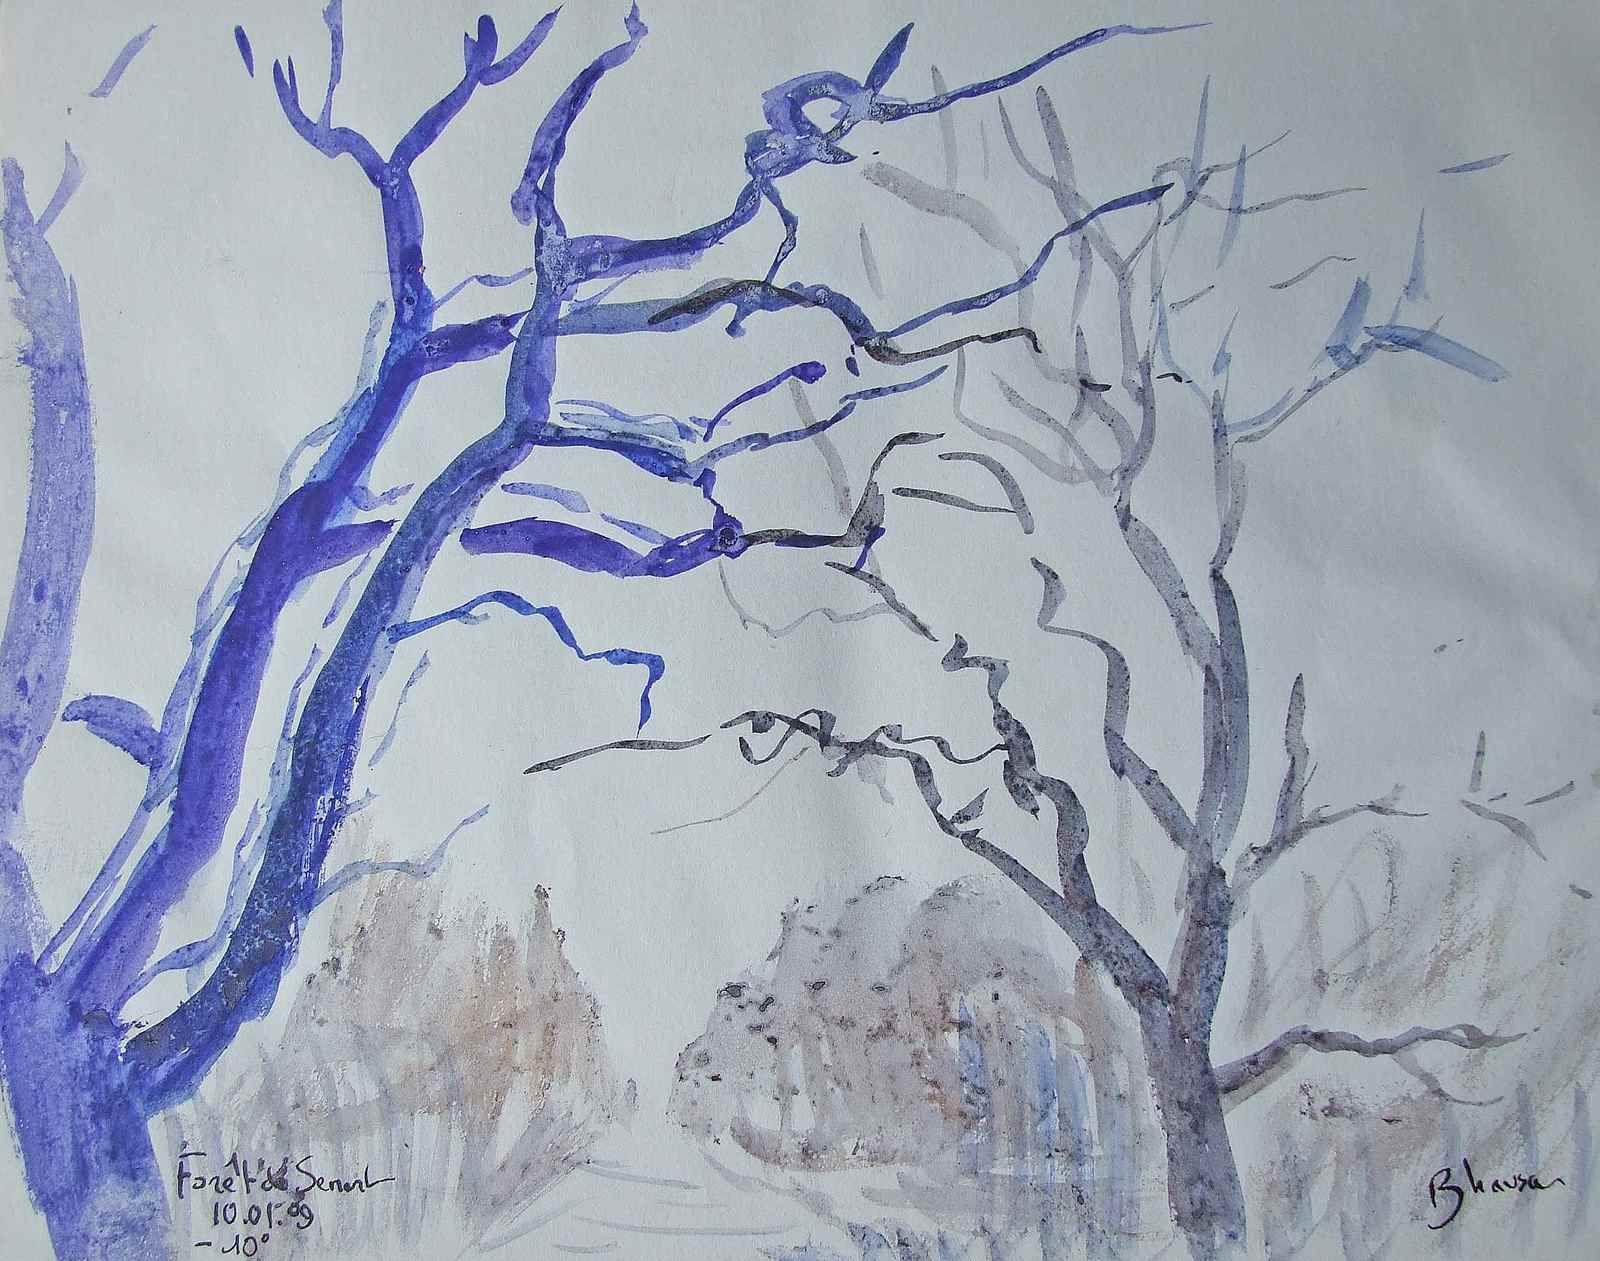 Les arbres sont de vieux compagnons de ma vie de peintre. Je les ai toujours dessinés et peints avec tendresse et plaisir partout où je suis allé.